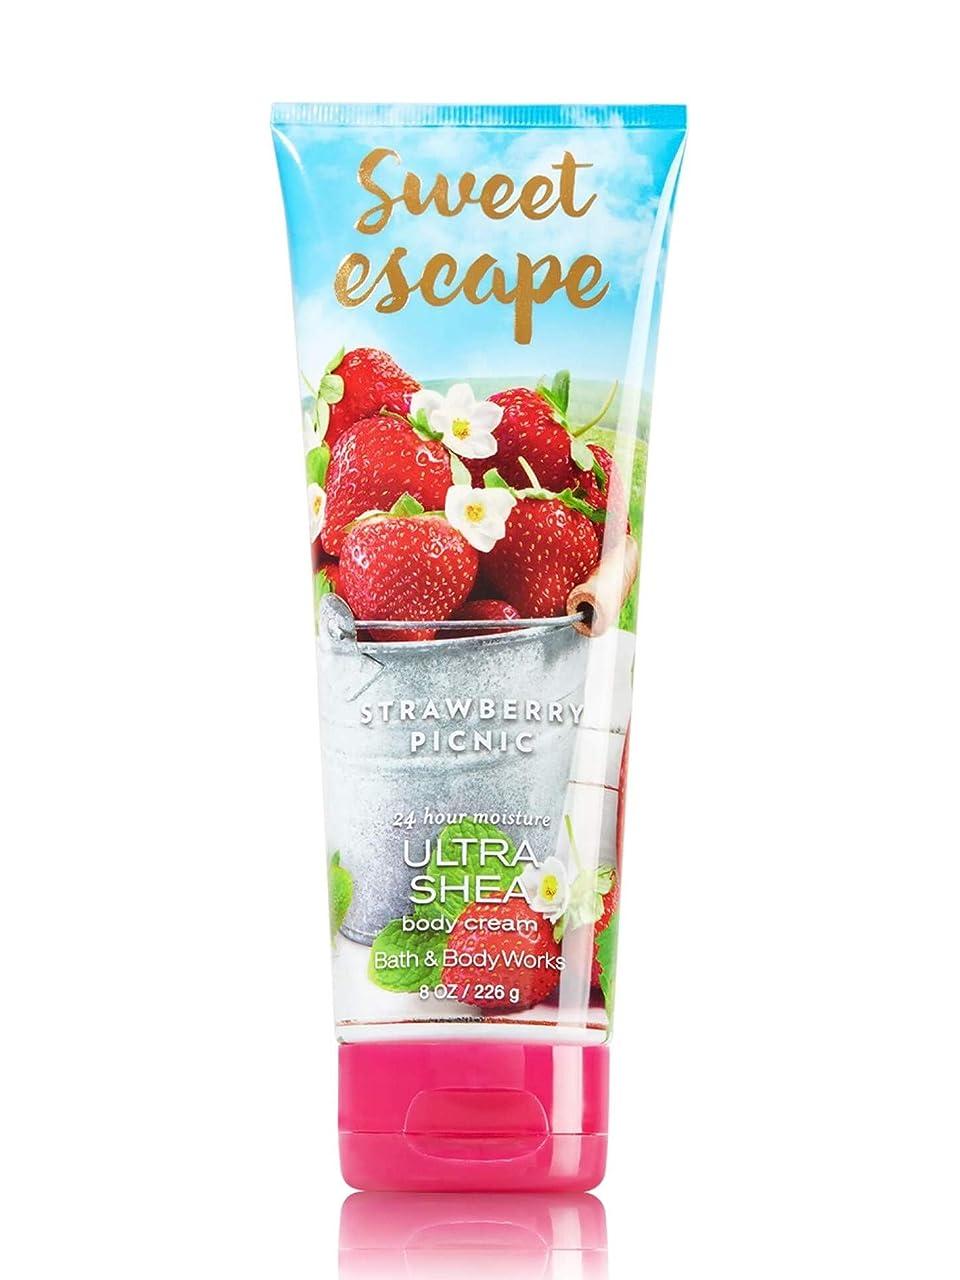 労苦良さドラム【Bath&Body Works/バス&ボディワークス】 ボディクリーム ストロベリーピクニック Body Cream Sweet Escape Strawberry Picnic 8 oz / 226 g [並行輸入品]